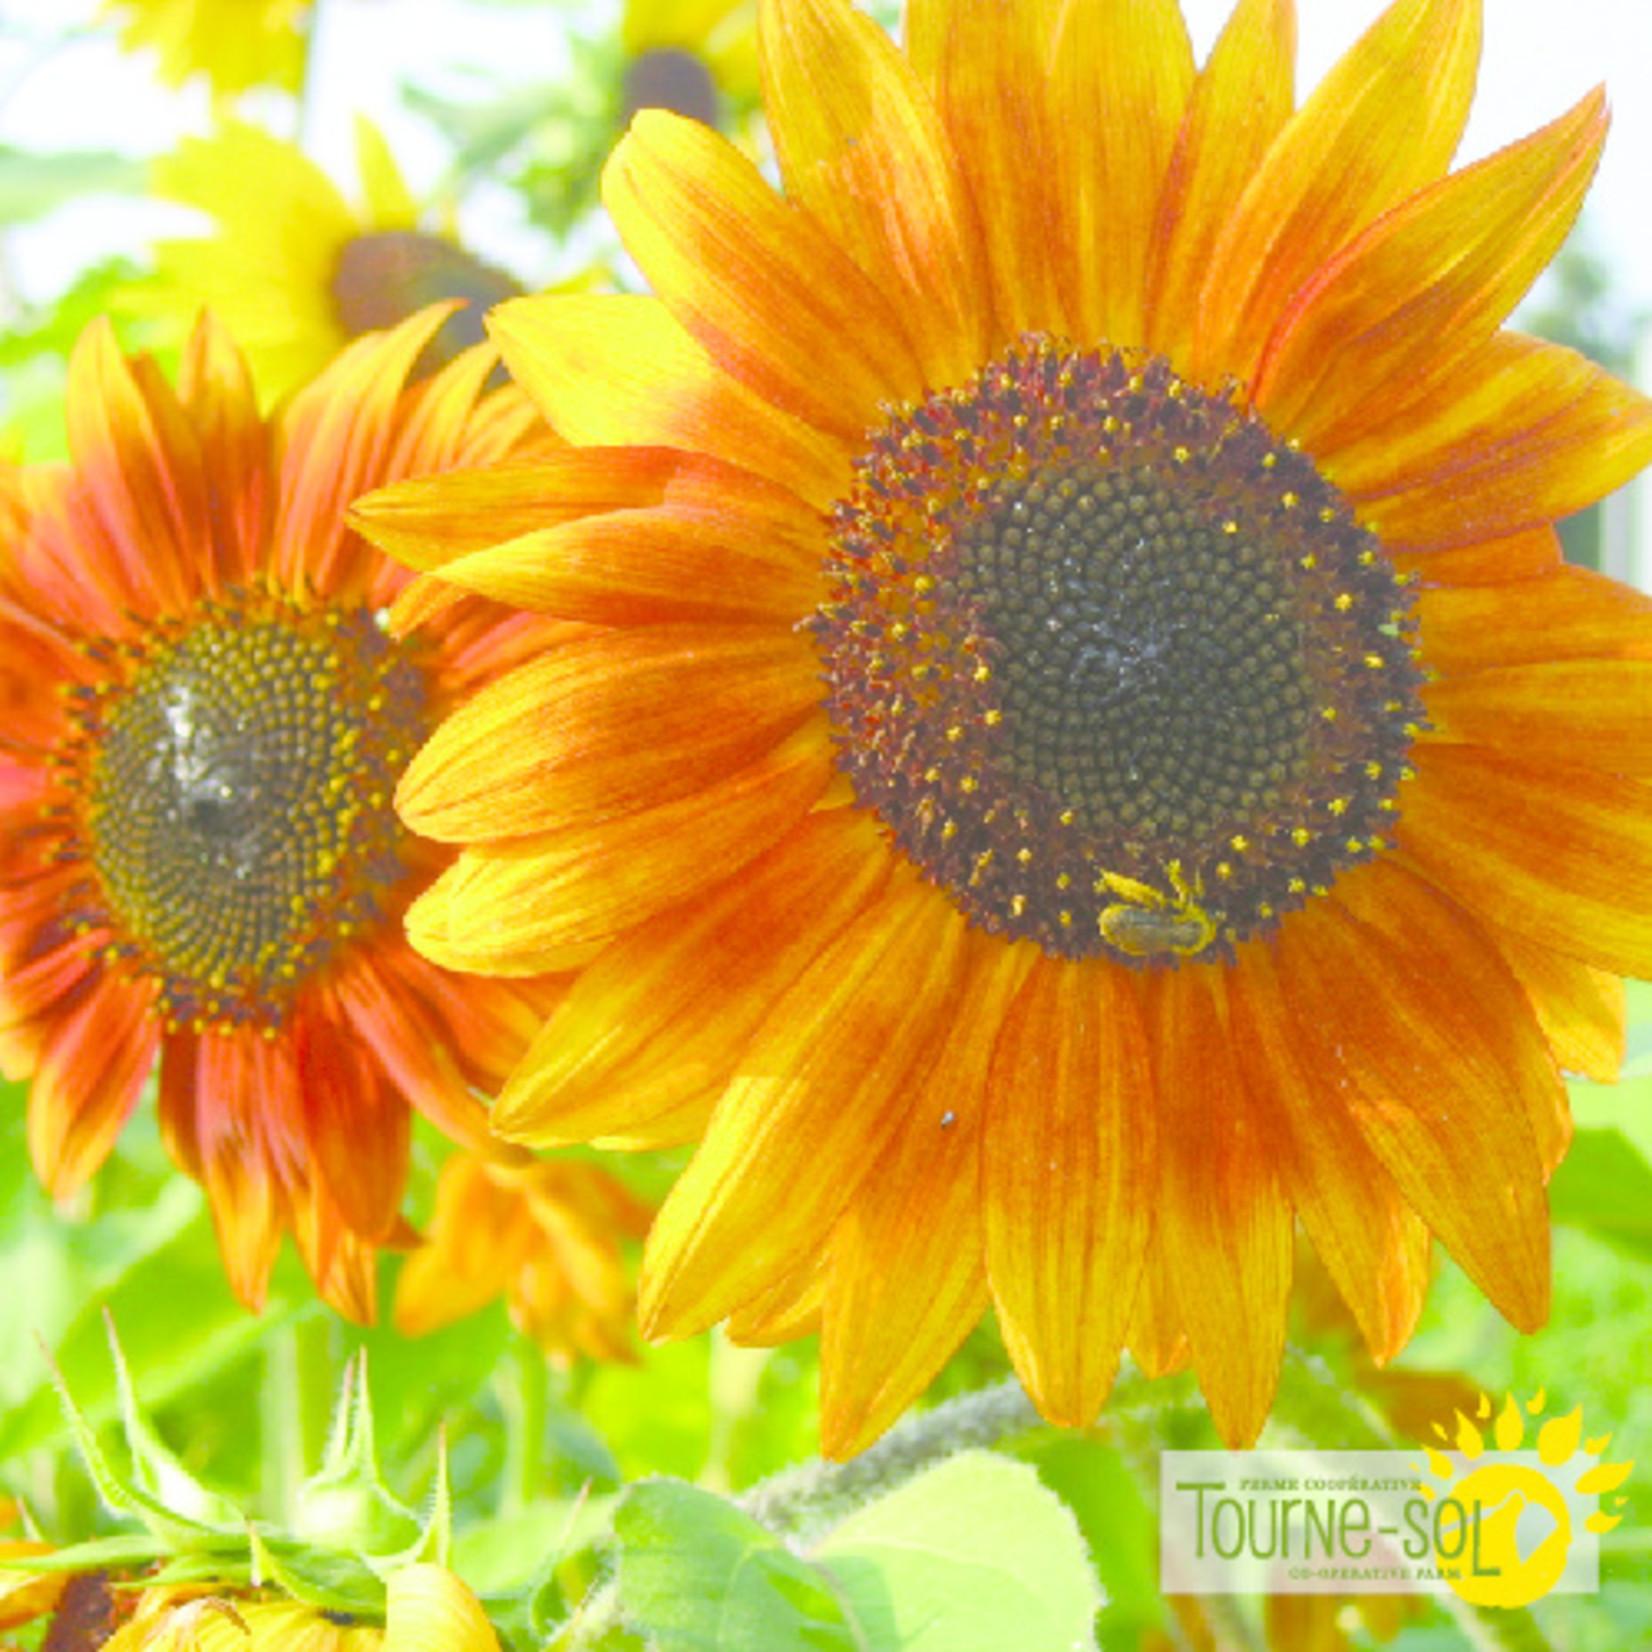 Tourne-Sol Sunflower mix